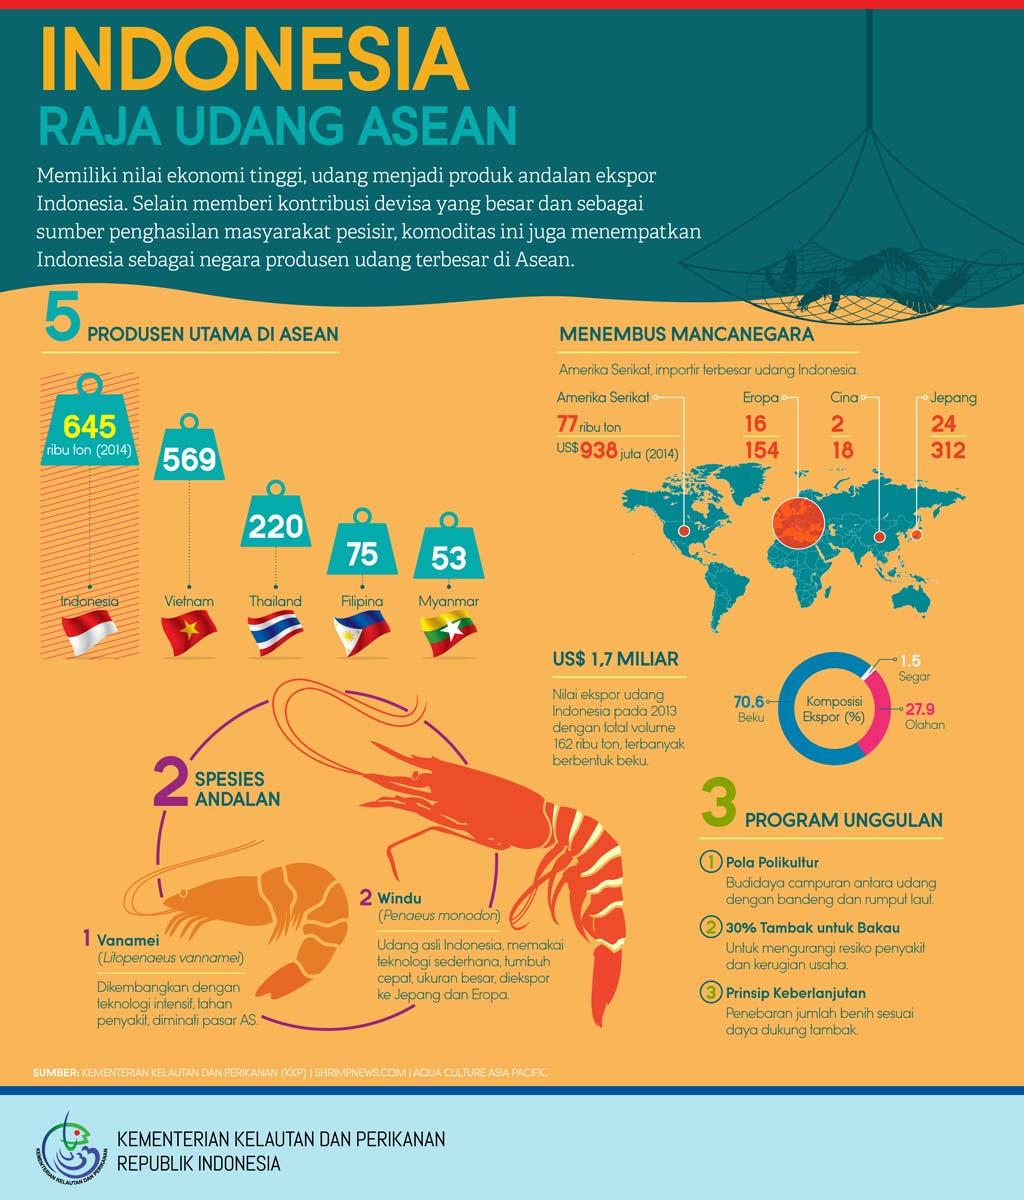 Indonesia, Raja Udang ASEAN